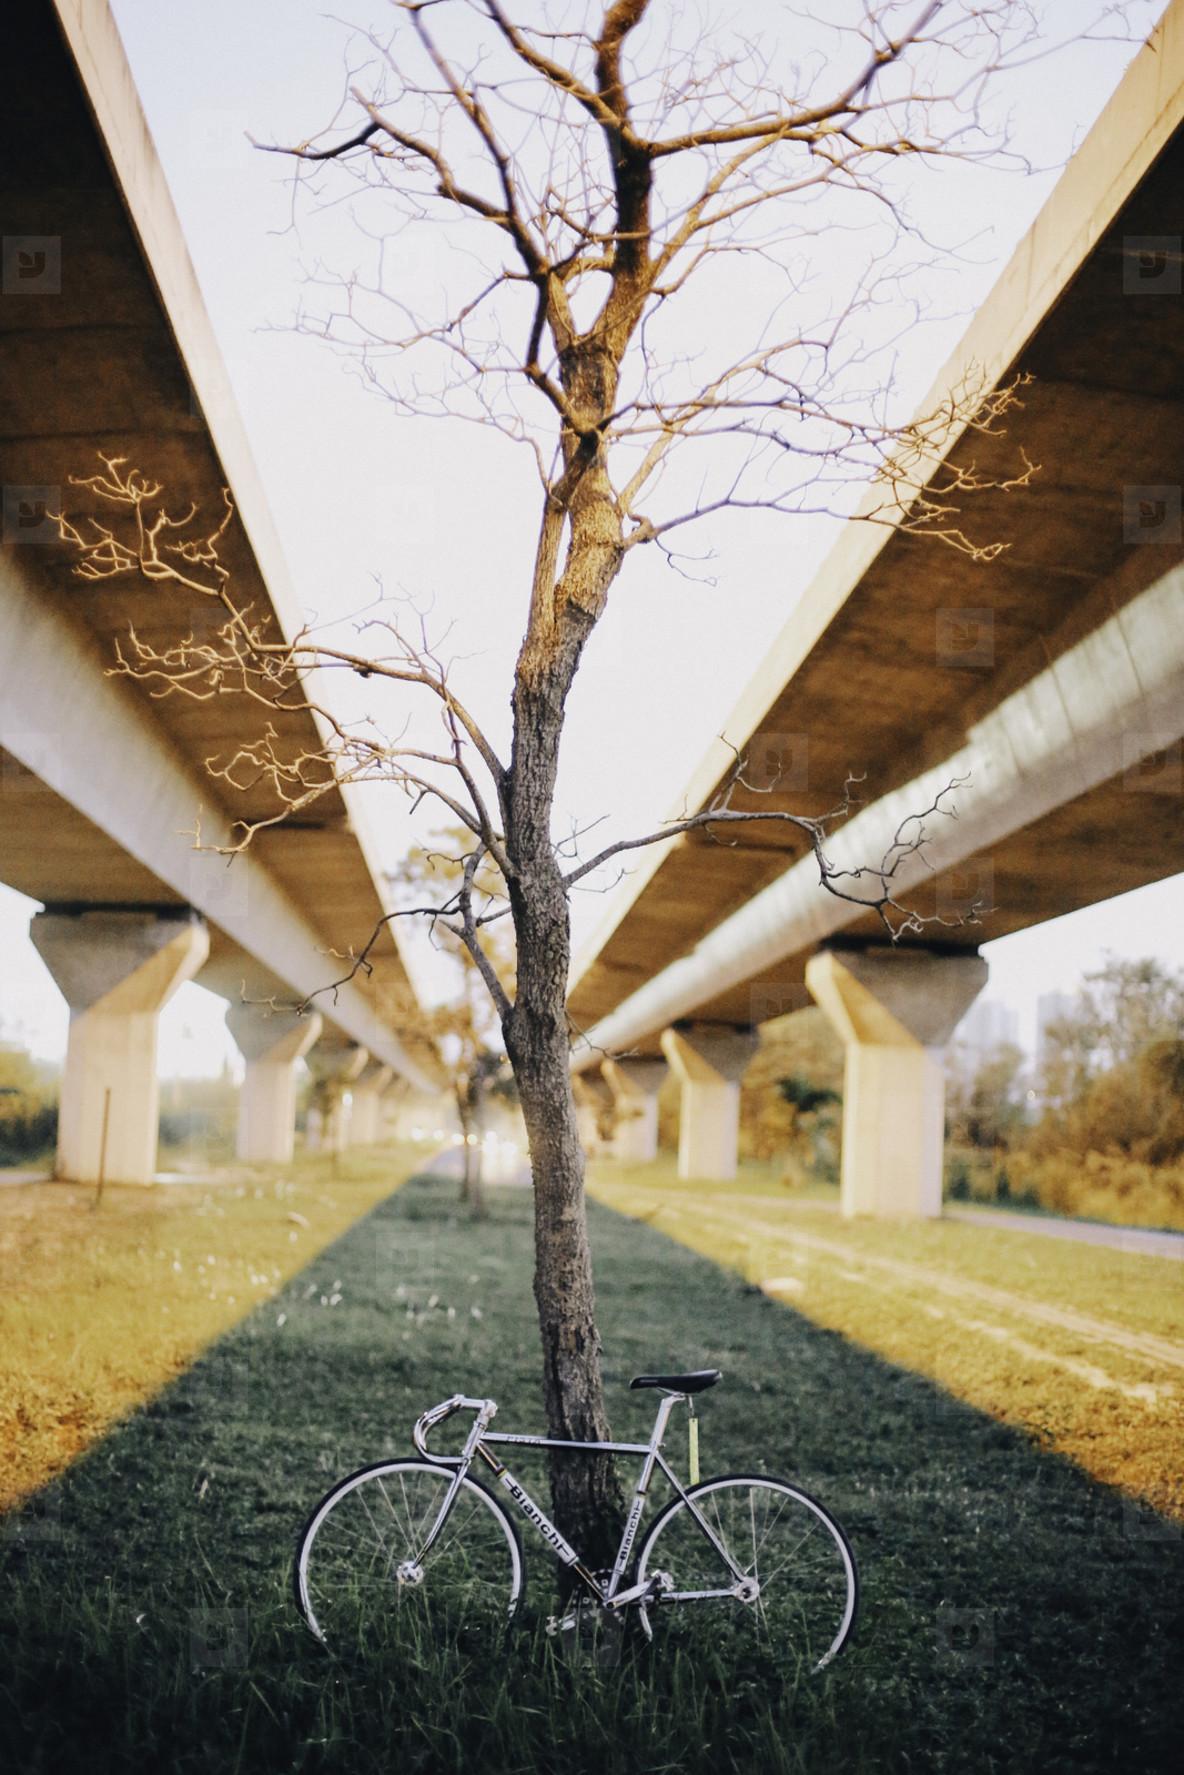 Retro fixed gear bike and tree